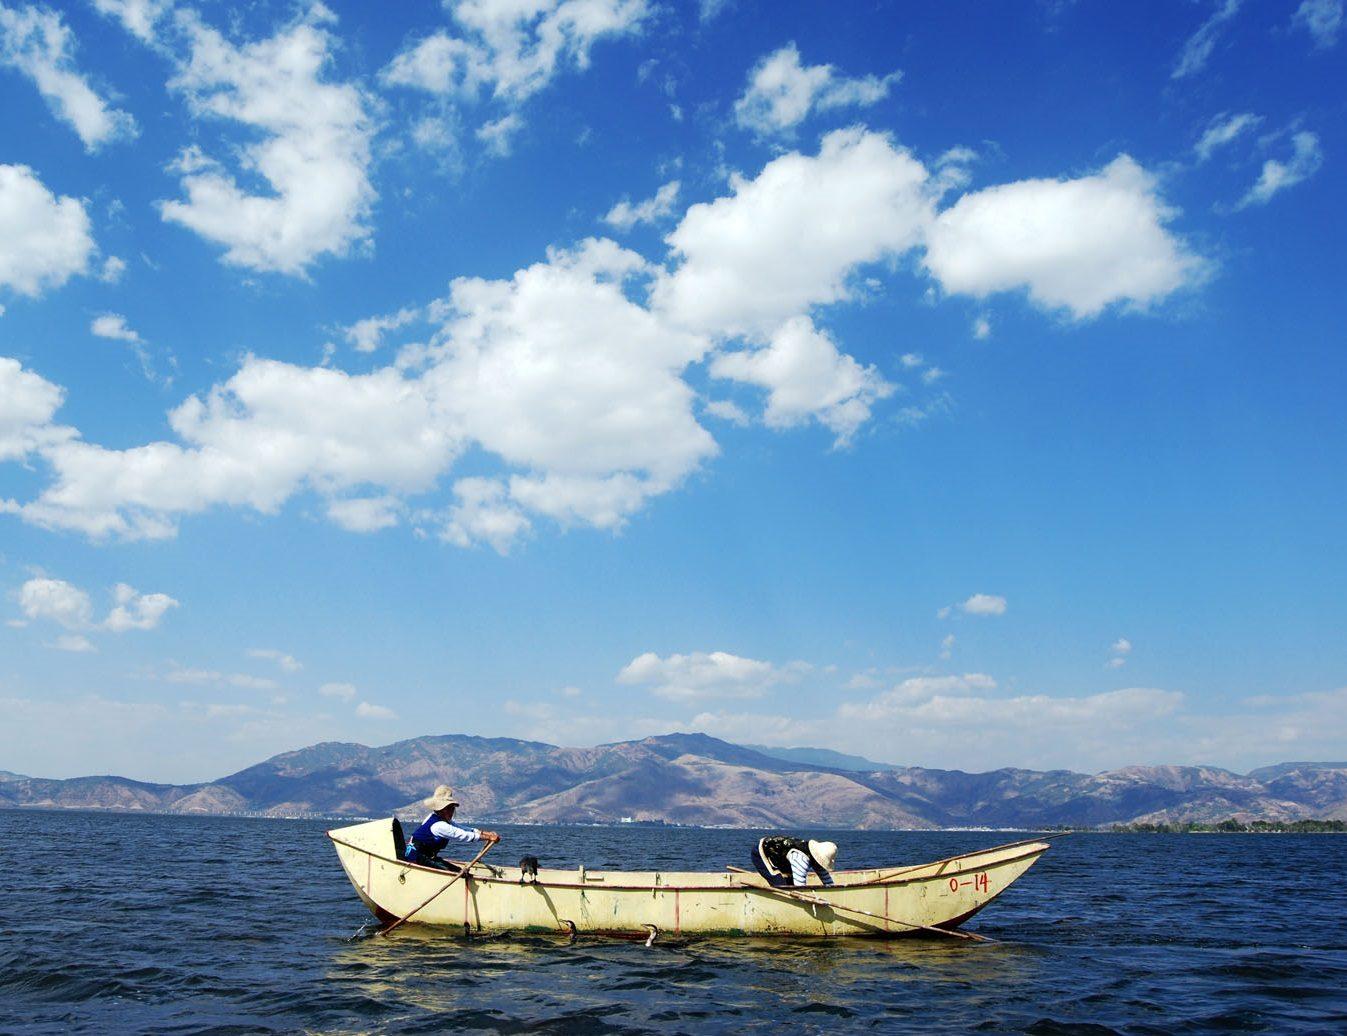 Встреча «Путешествия антрополога. Другой Китай: провинции Юньнань и восточный Сычуань» – события на сайте «Московские Сезоны»